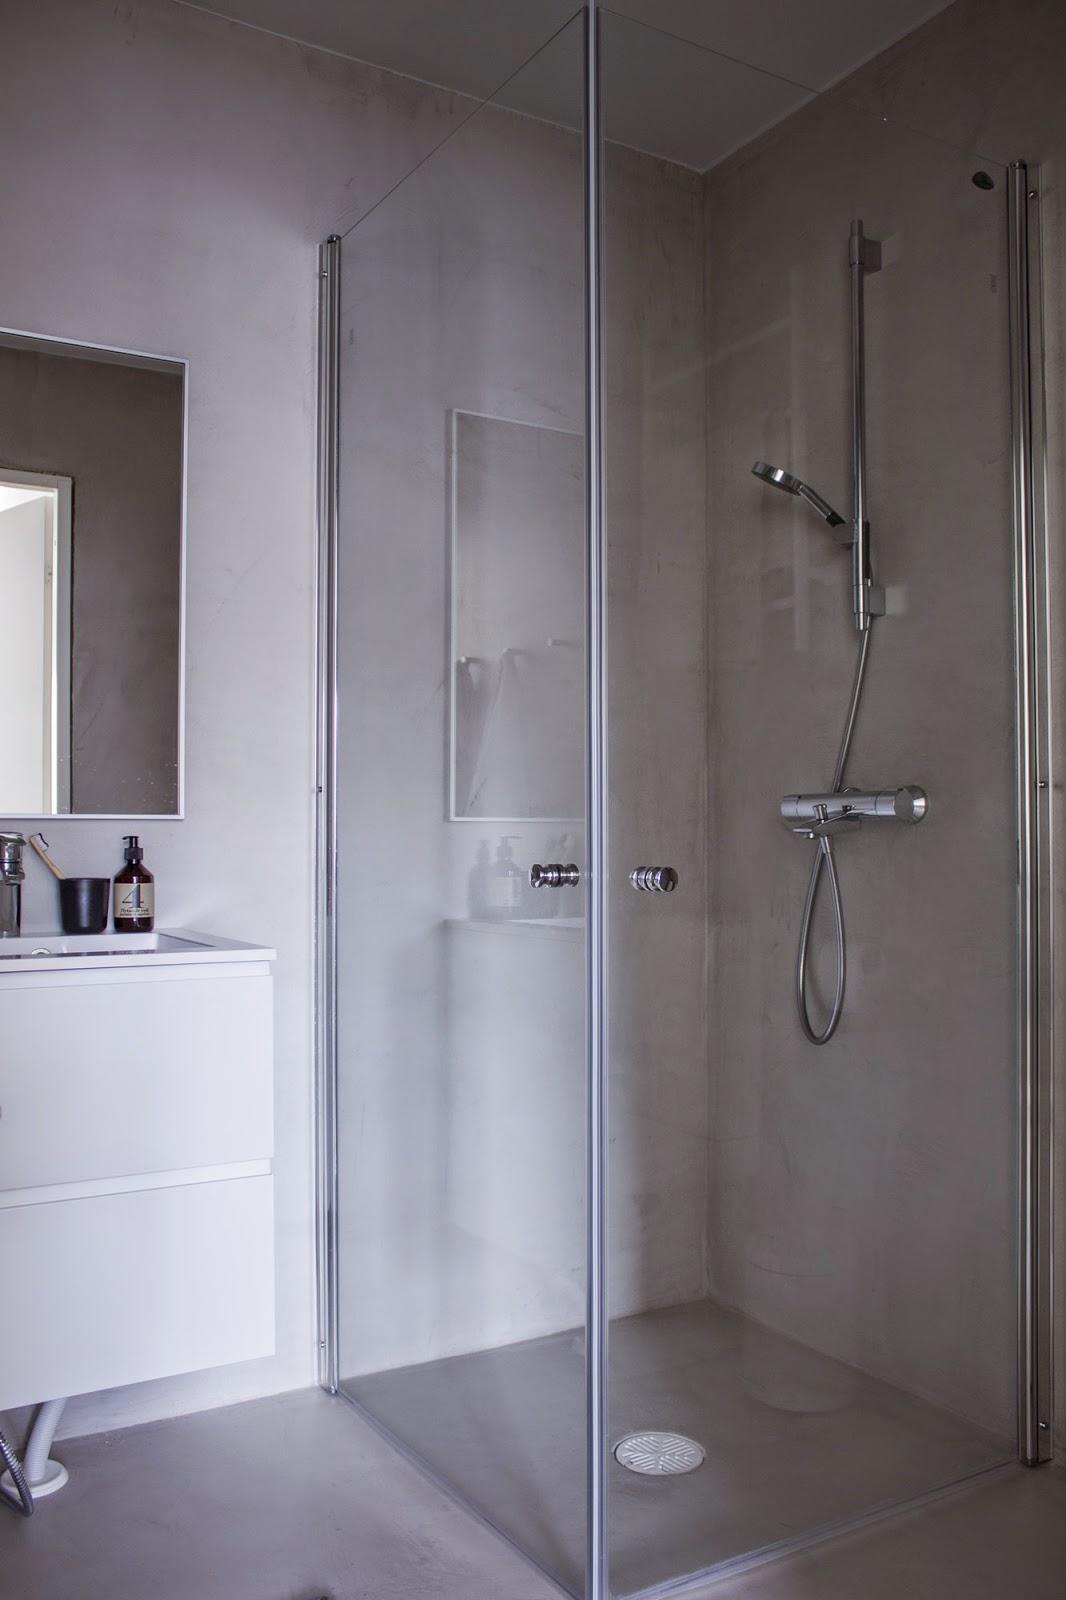 Otsosonin suihkukoppi, allaskaappi ja peili sekä Oraksen suihku